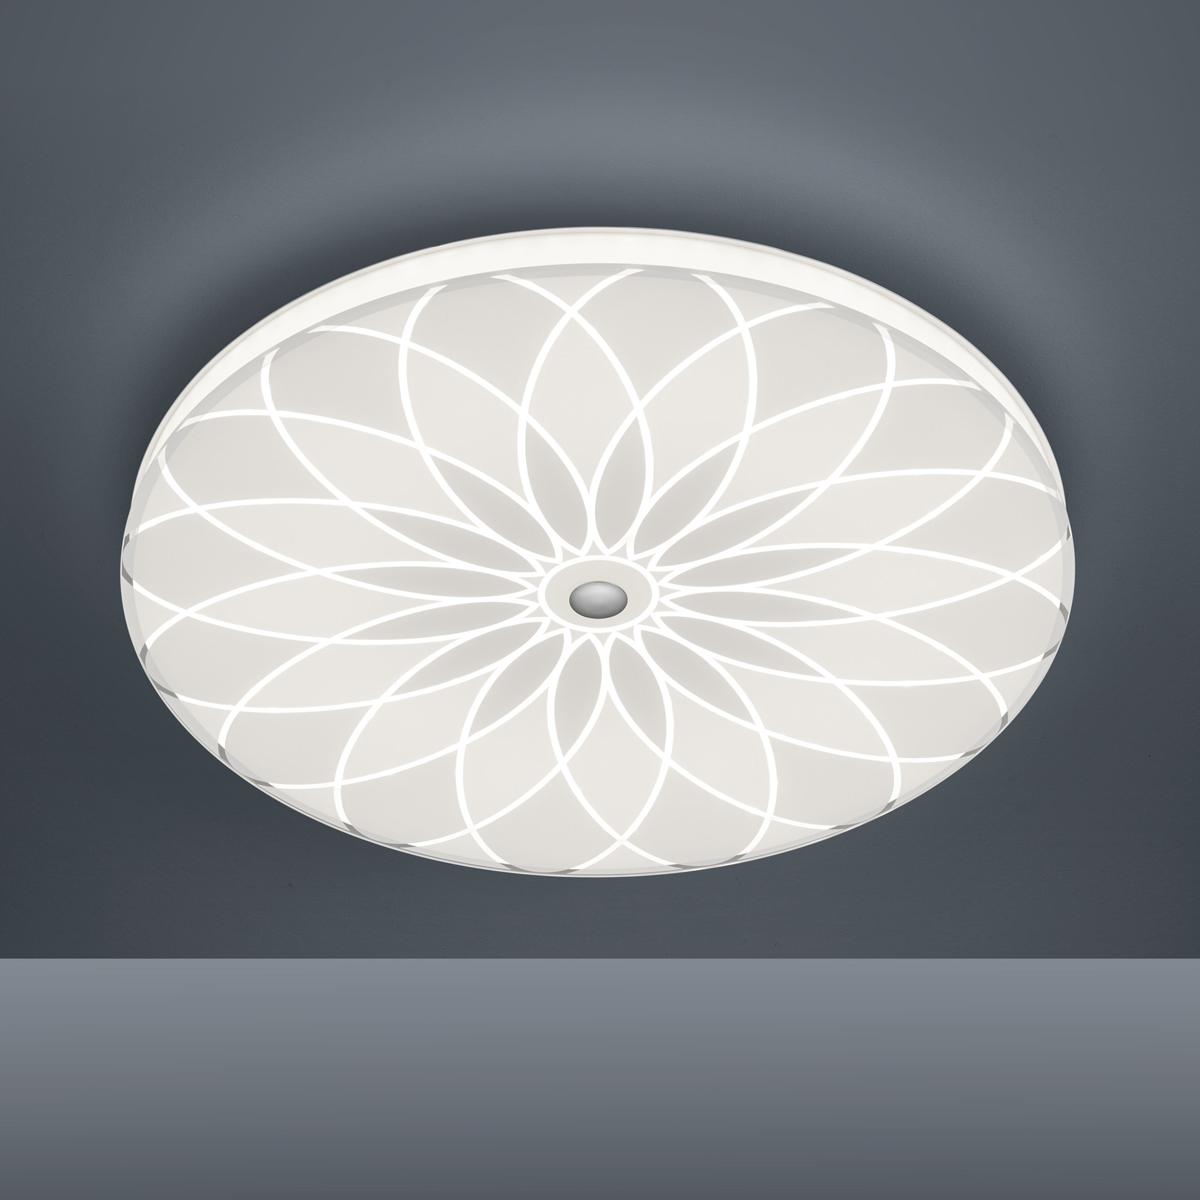 BANKAMP Leuchtenmanufaktur Artikel von BANKAMP Leuchtenmanufaktur LED-Deckenleuchte Mandala 7718/420-07